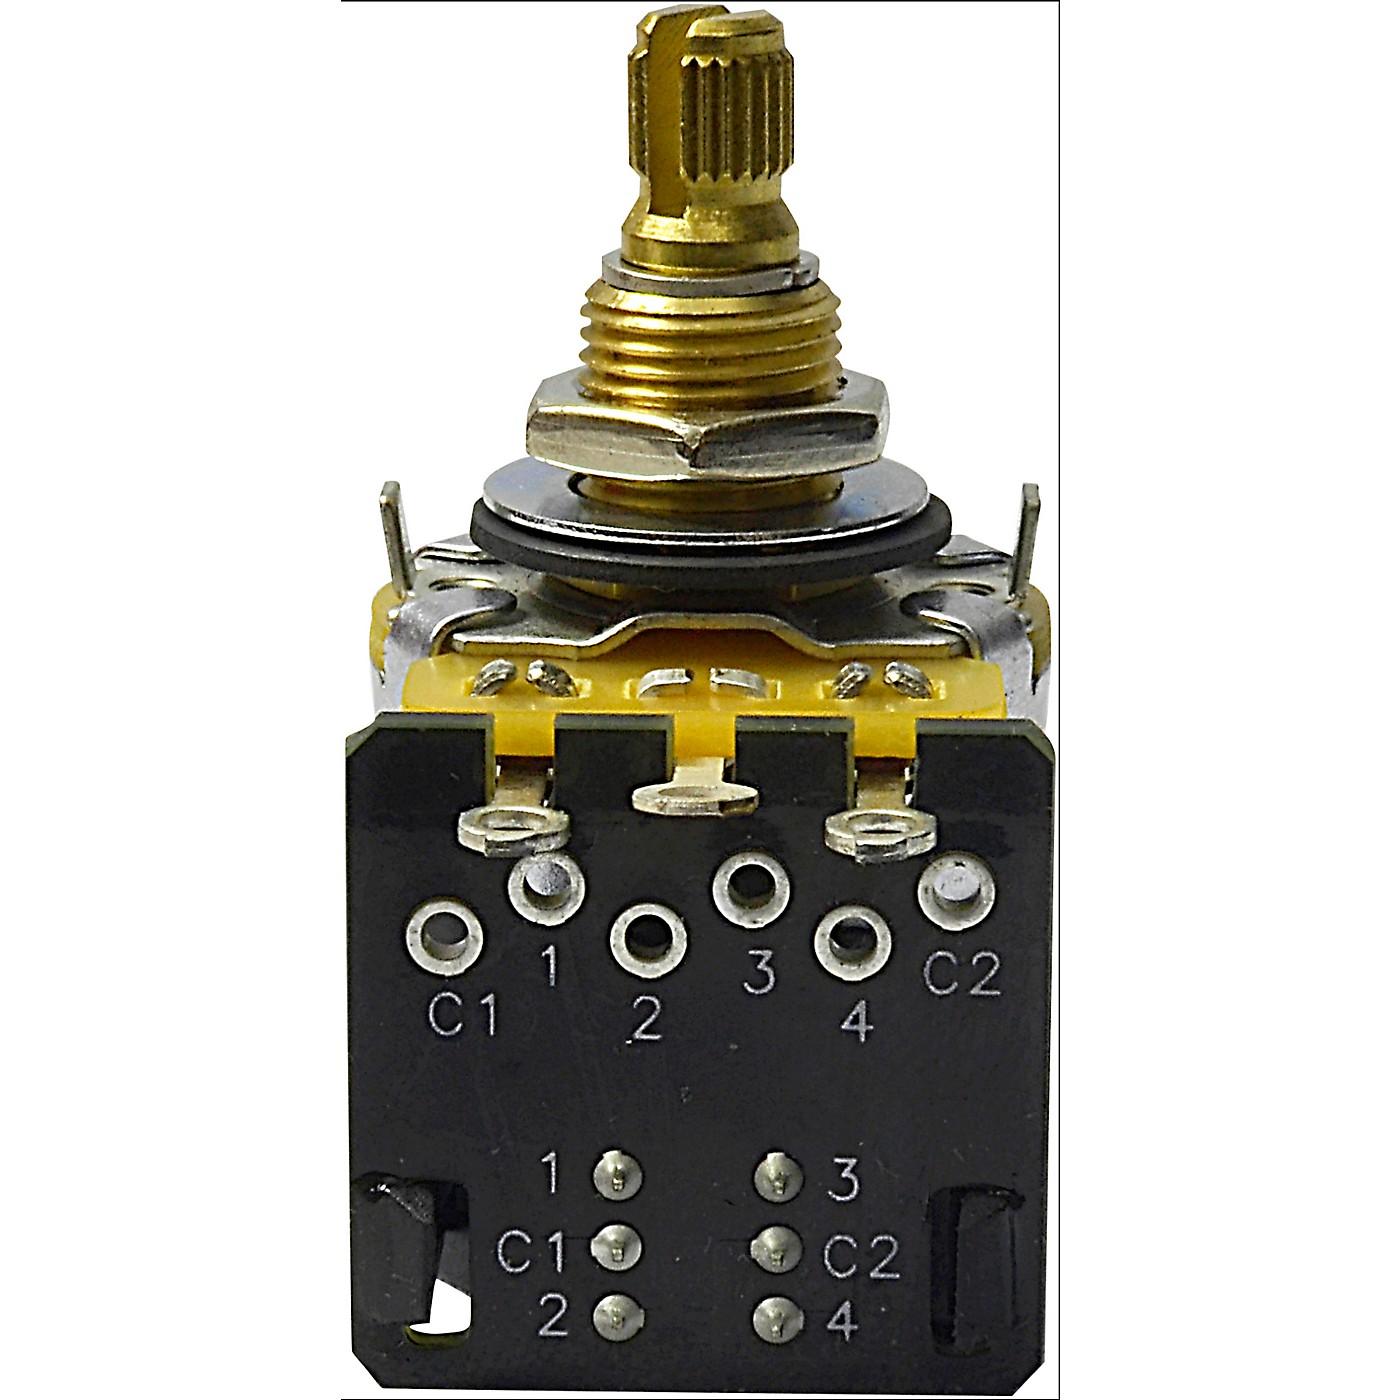 Mojotone CTS 250K DPDT Push-Pull Potentiometer thumbnail